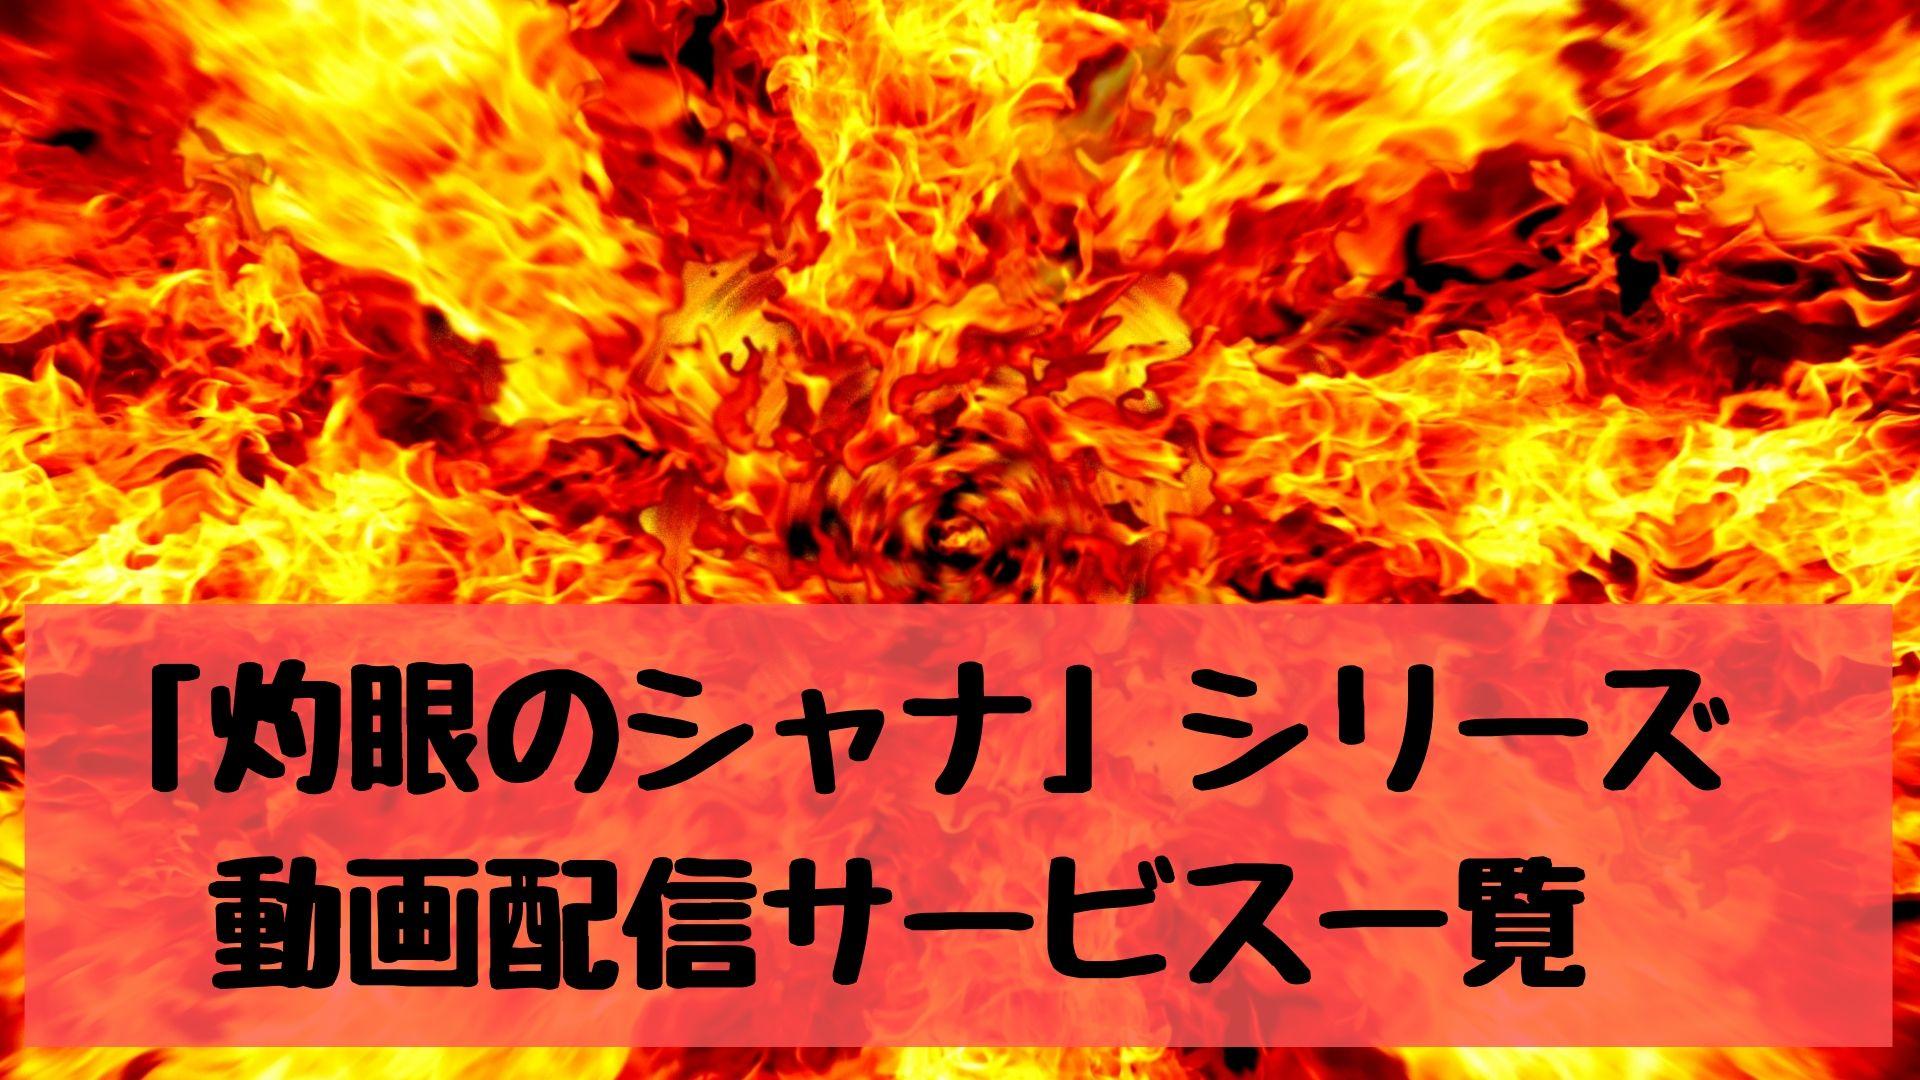 「灼眼のシャナ」動画!1期・2期・3期&映画・OVAが視聴できる動画配信サービス一覧【高画質】